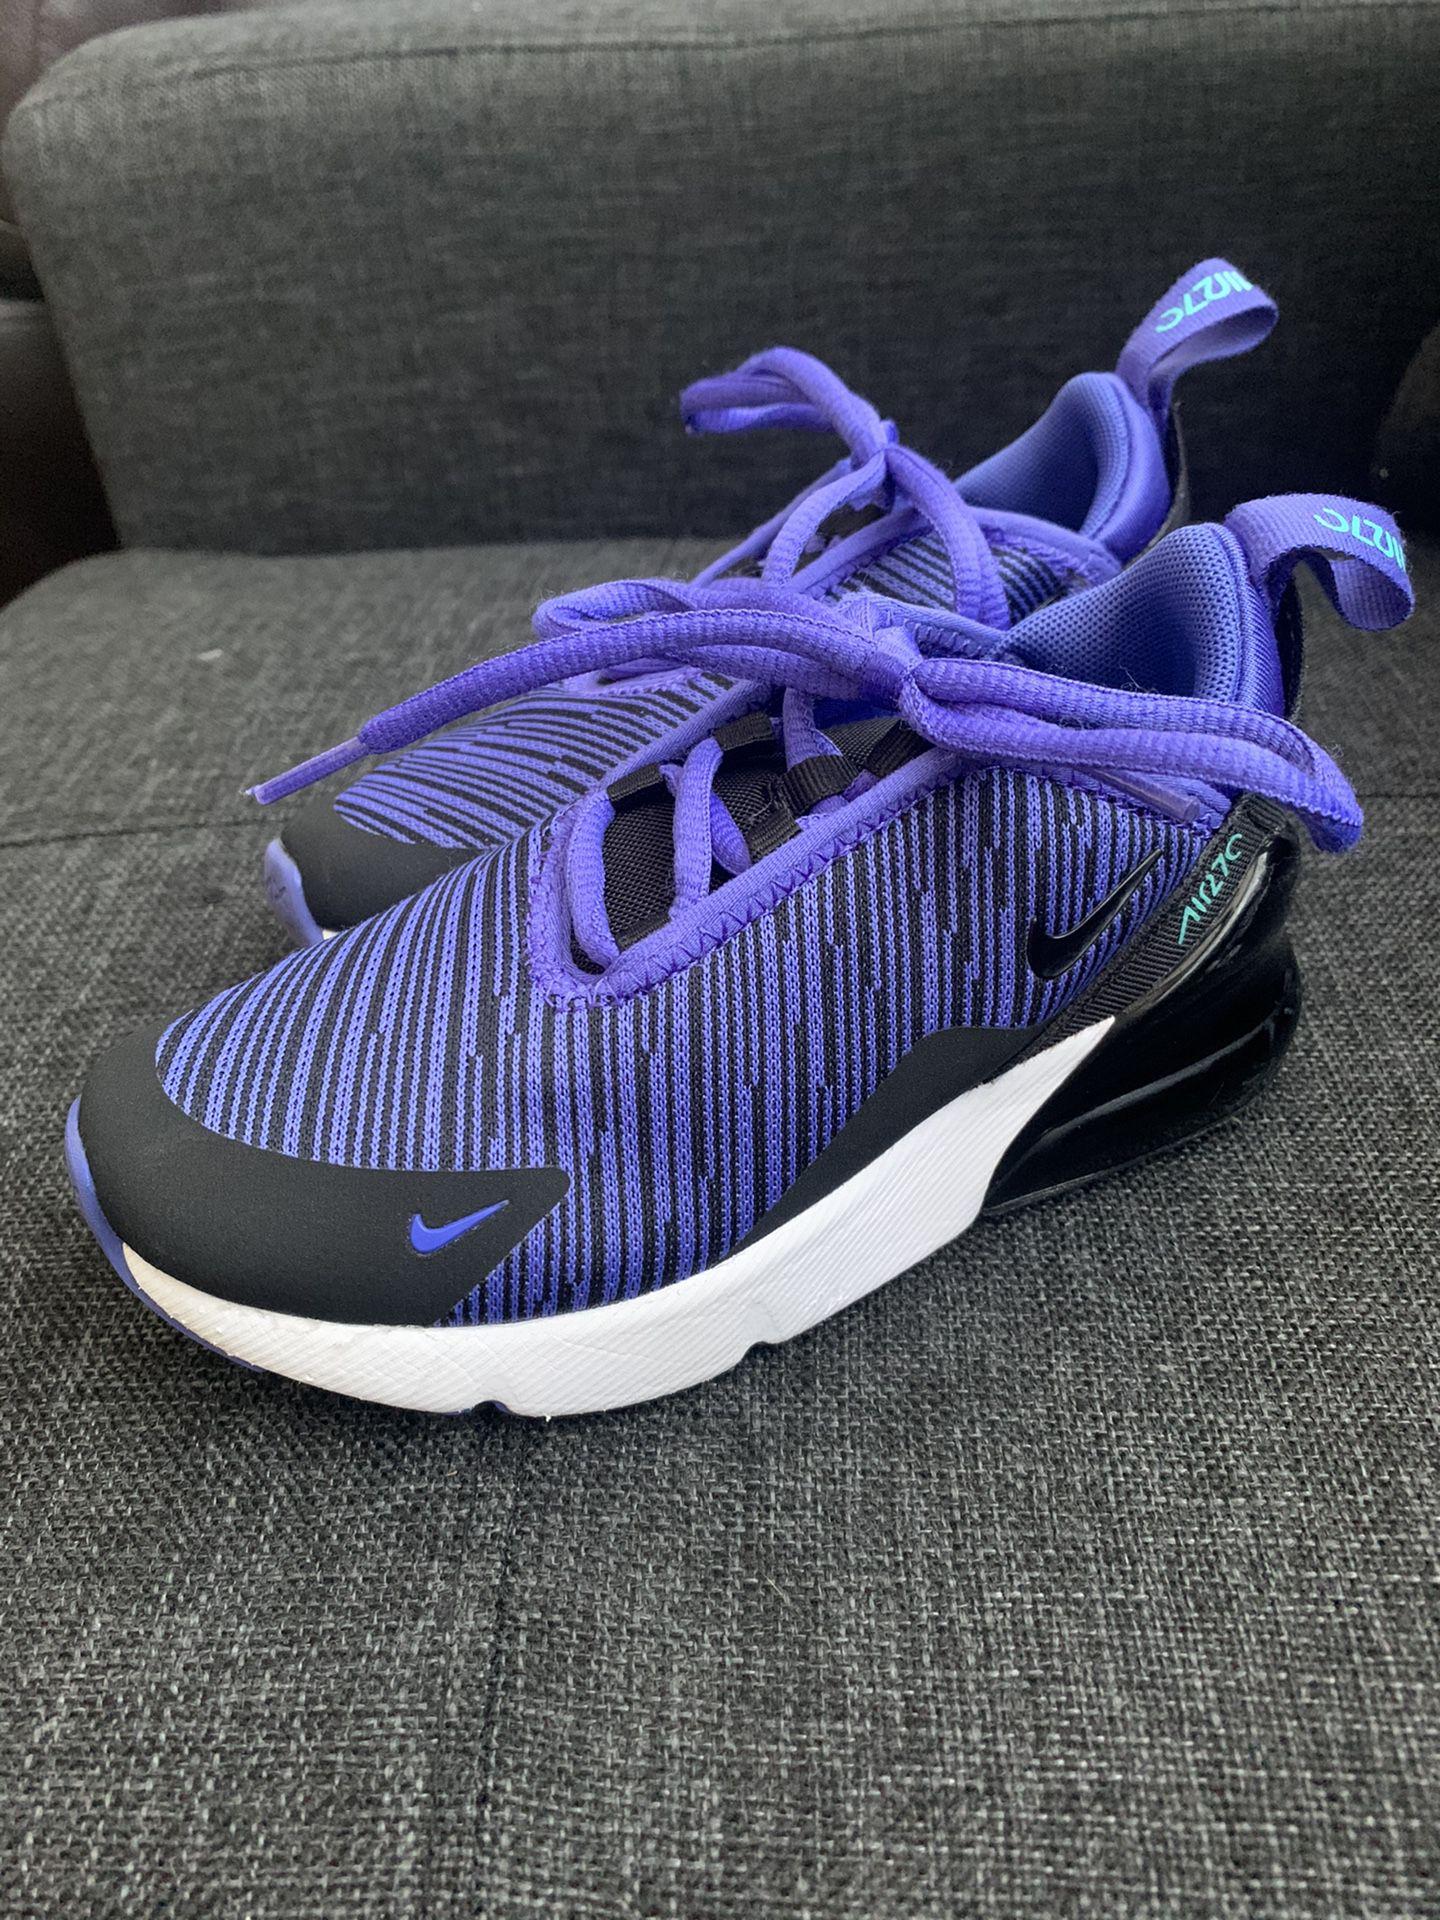 Nike 270s size 11c